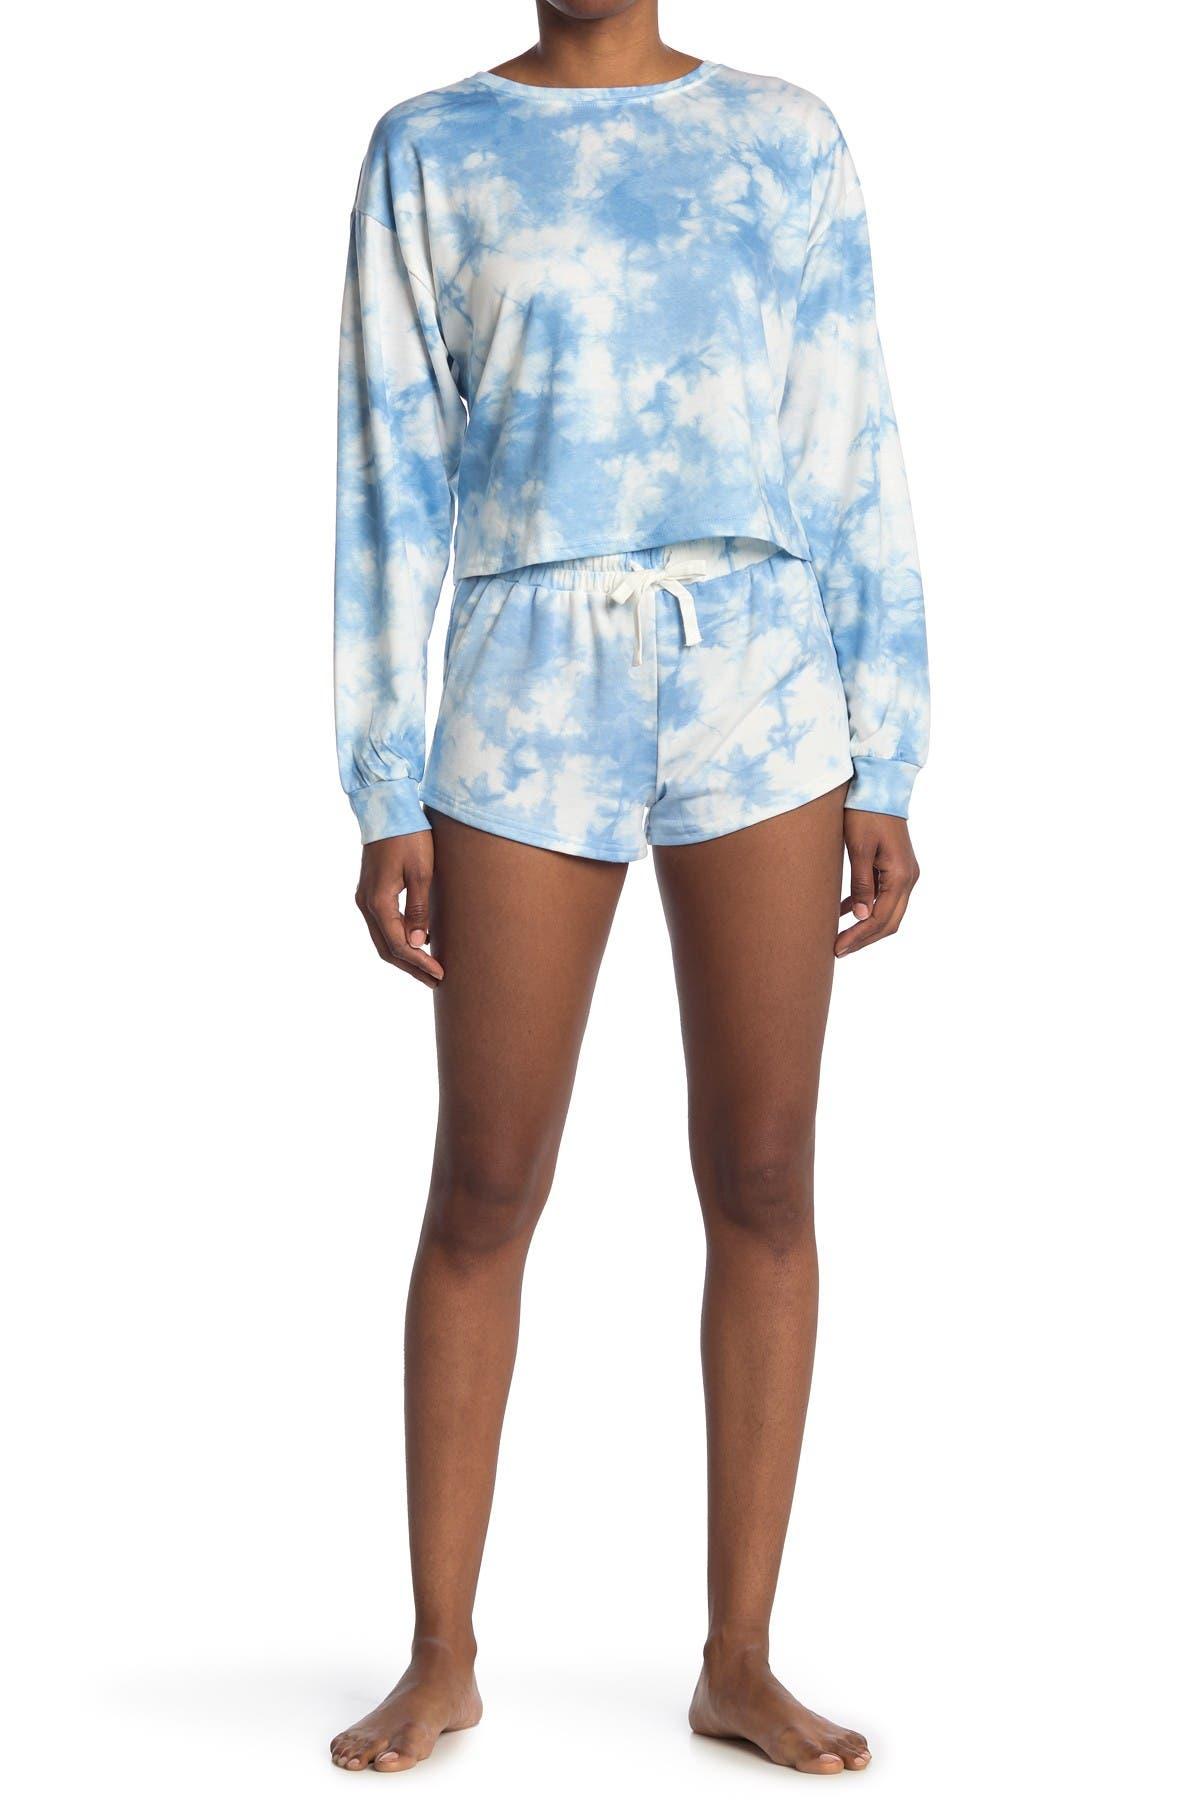 Image of COZY ROZY Free Spirit Long Sleeve/Shorts Set